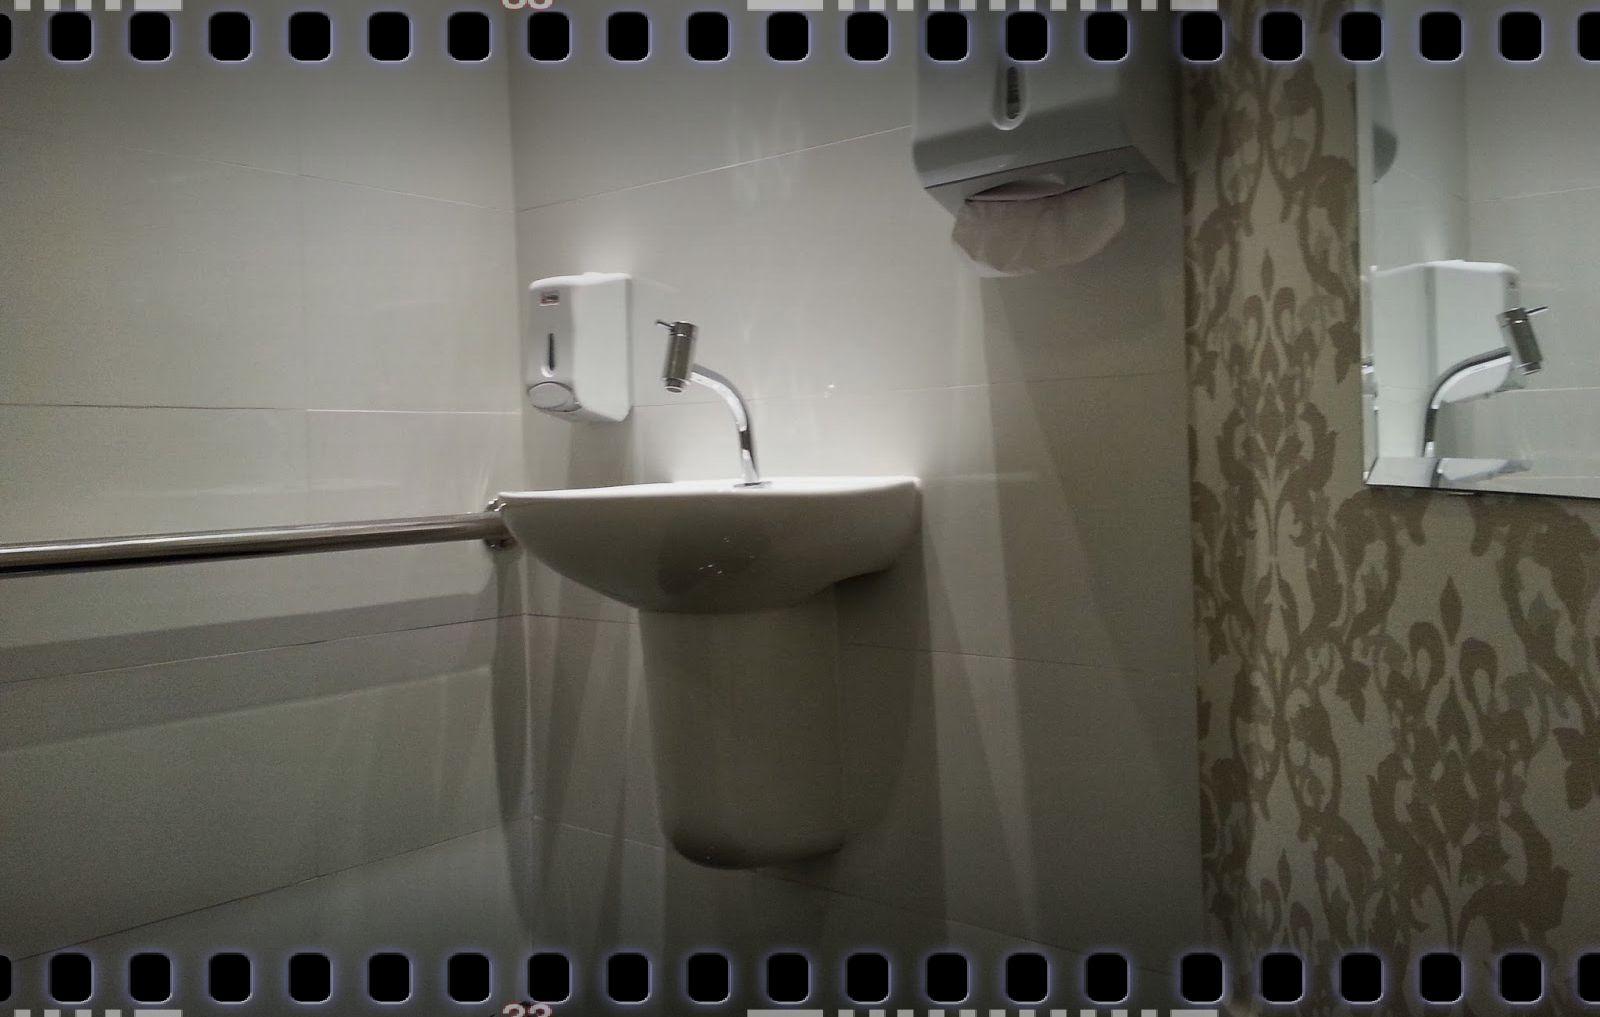 banheiro. Como ela faz questão de dizer todos são bem recebidos em #585244 1600x1017 Banheiro Cadeirante Abnt